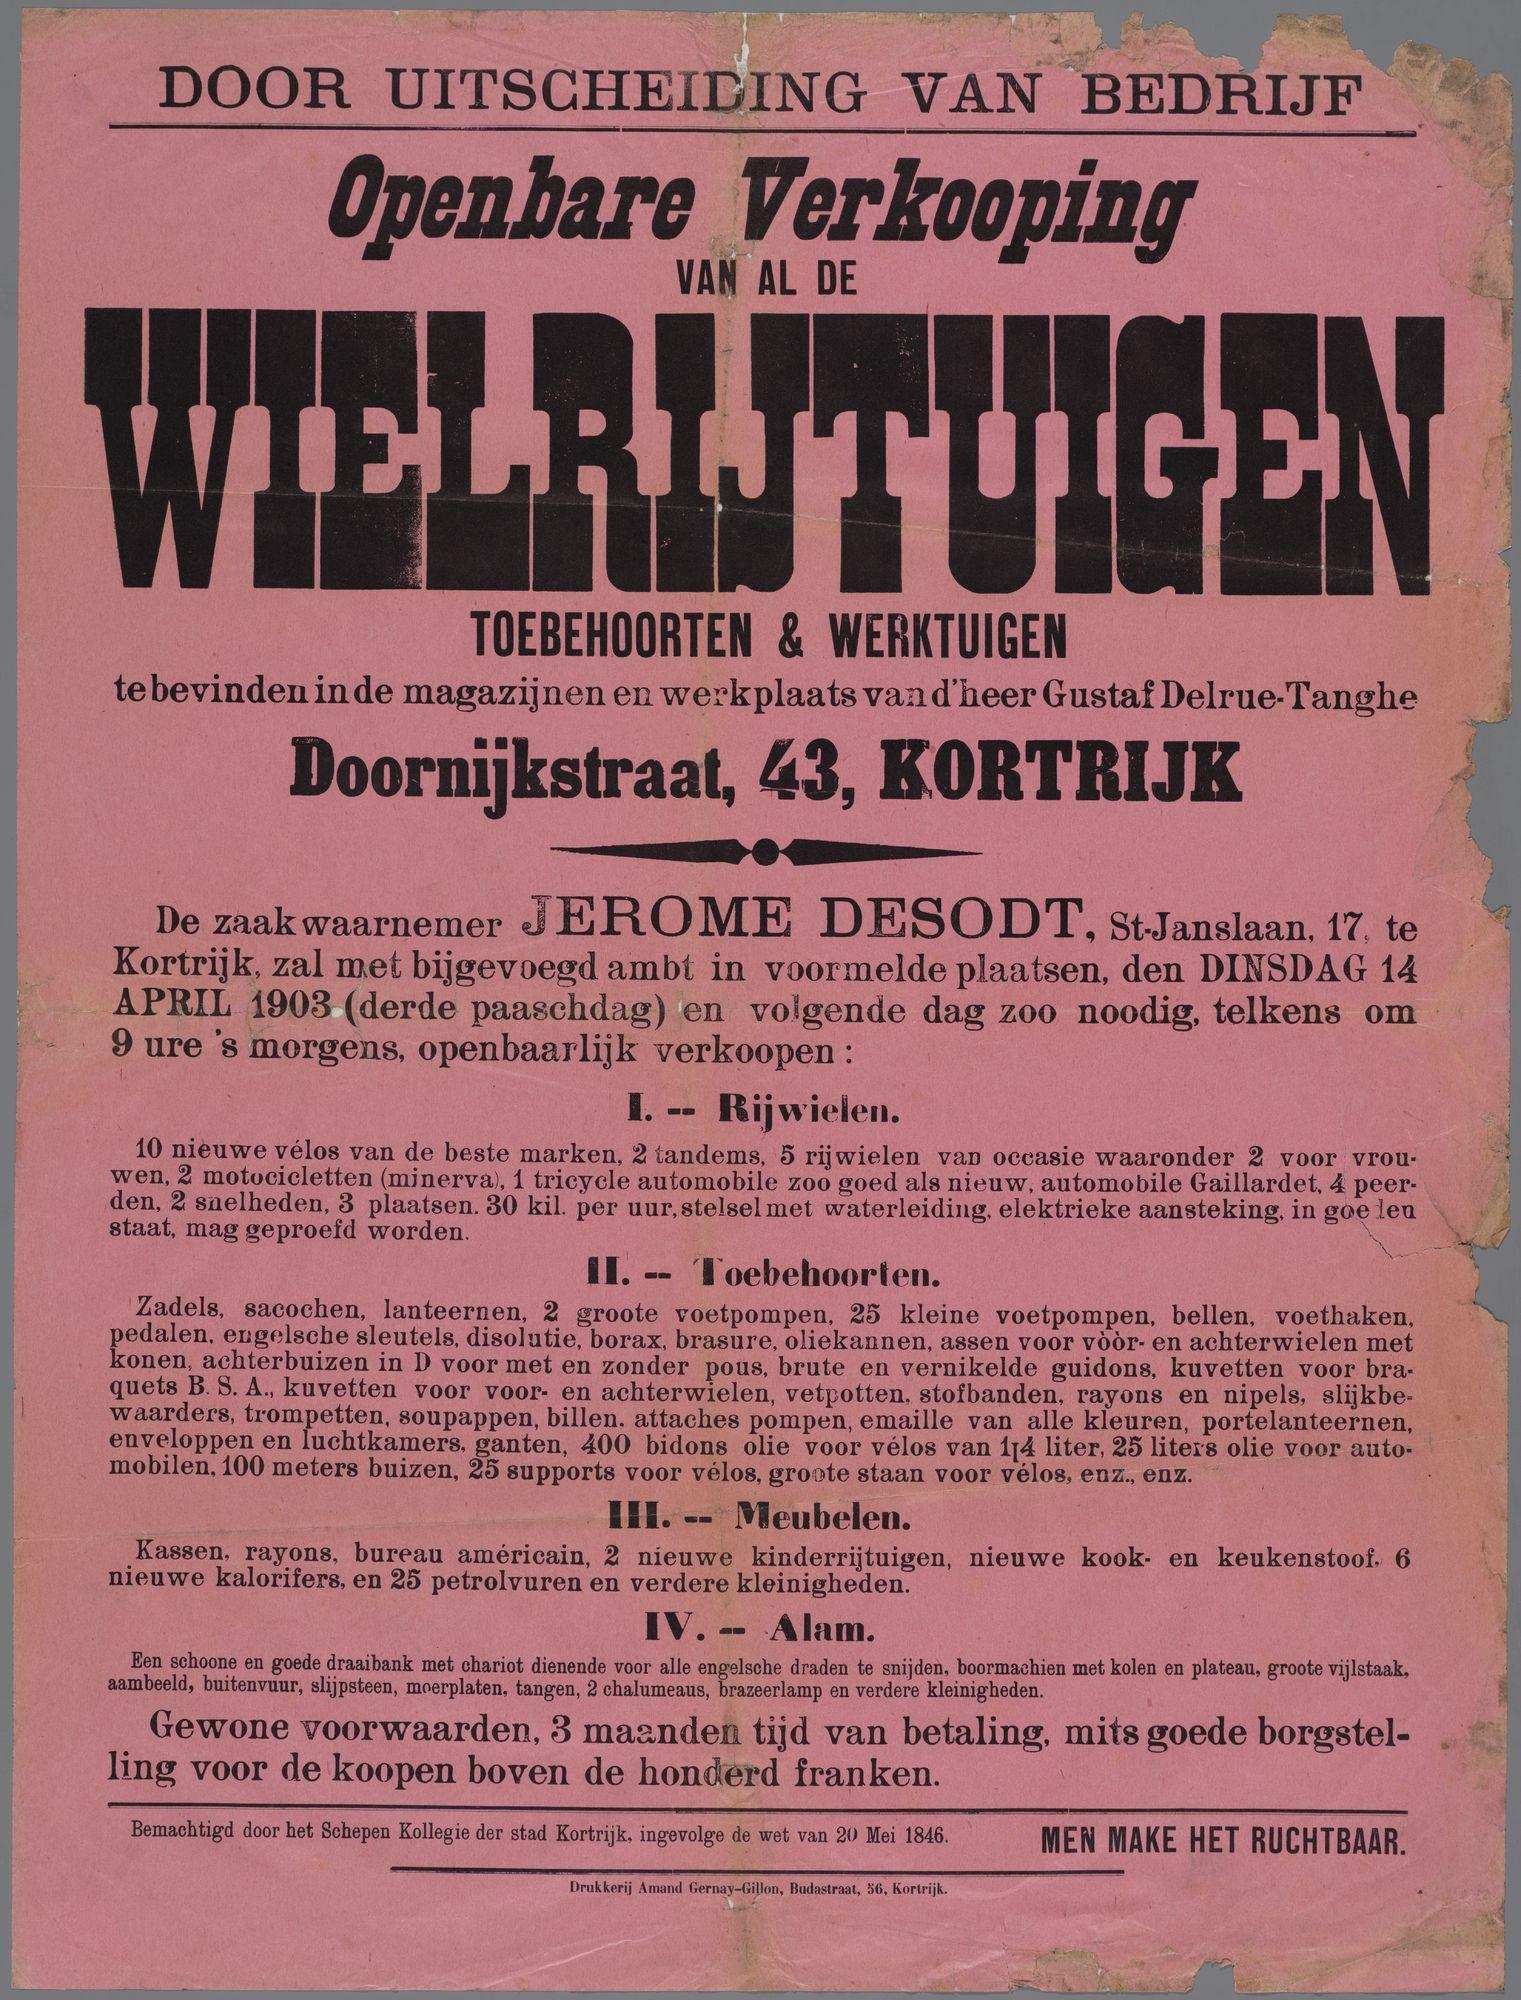 Verkoop van wielrijtuigen en toebehoren 1903